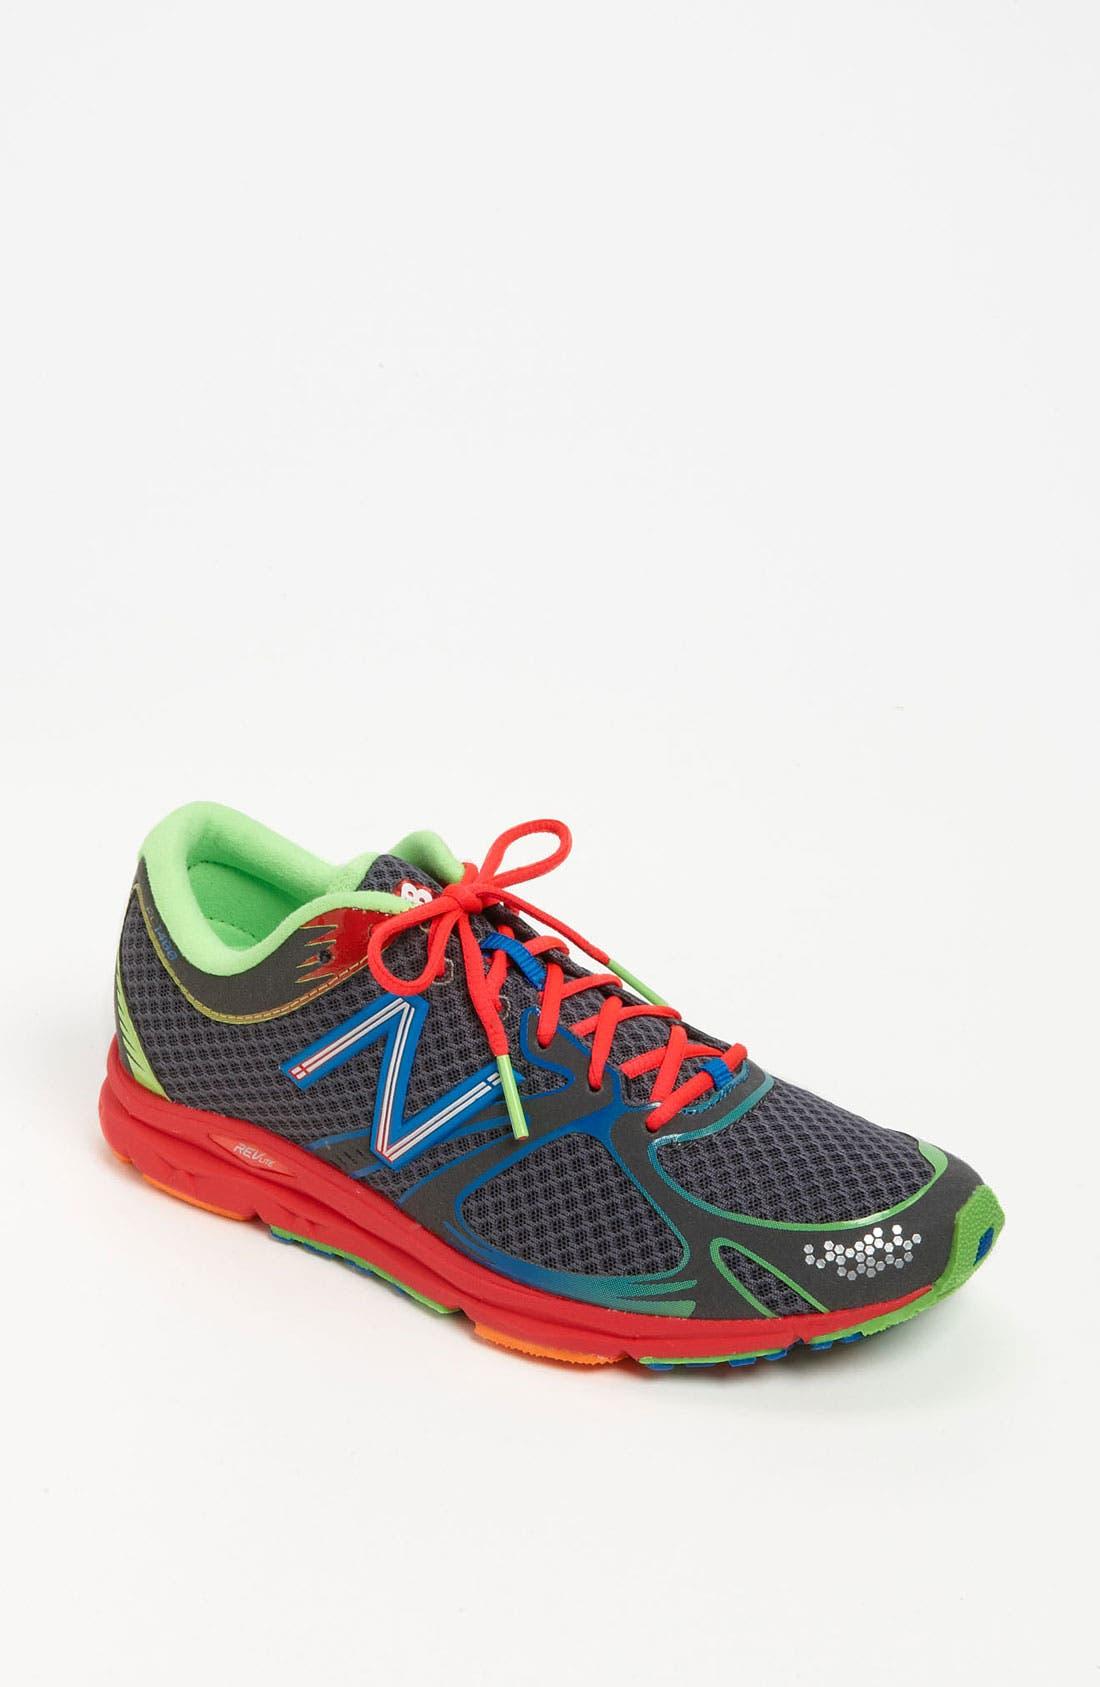 Main Image - New Balance '1400' Running Shoe (Women)(Retail Price: $89.95)